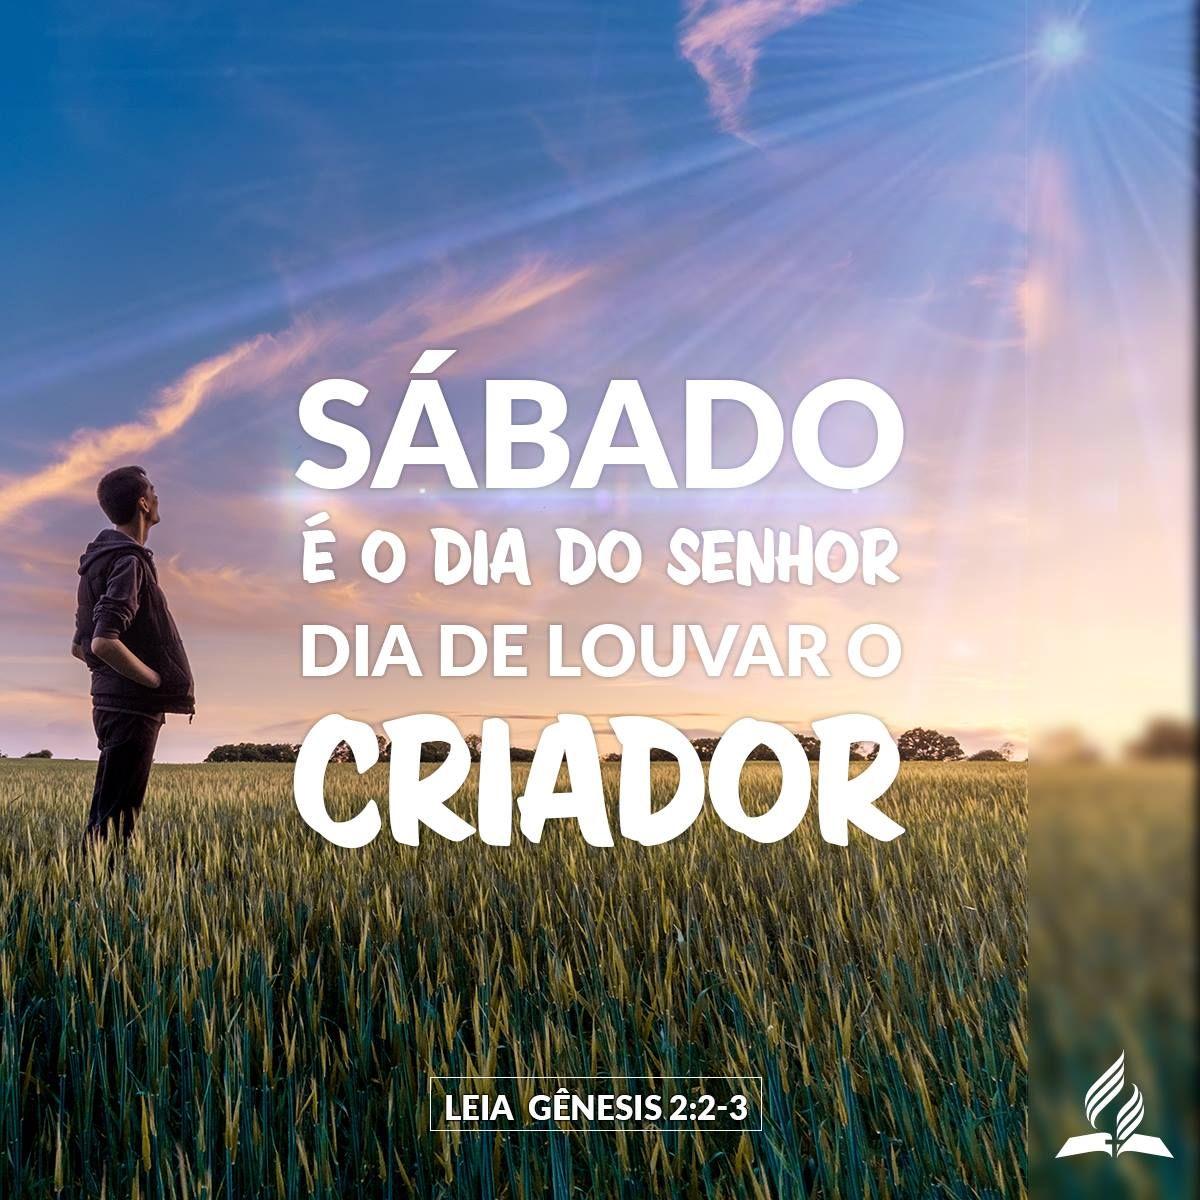 Adventistas Brasil على تويتر Toda A Terra Foi Criada Com